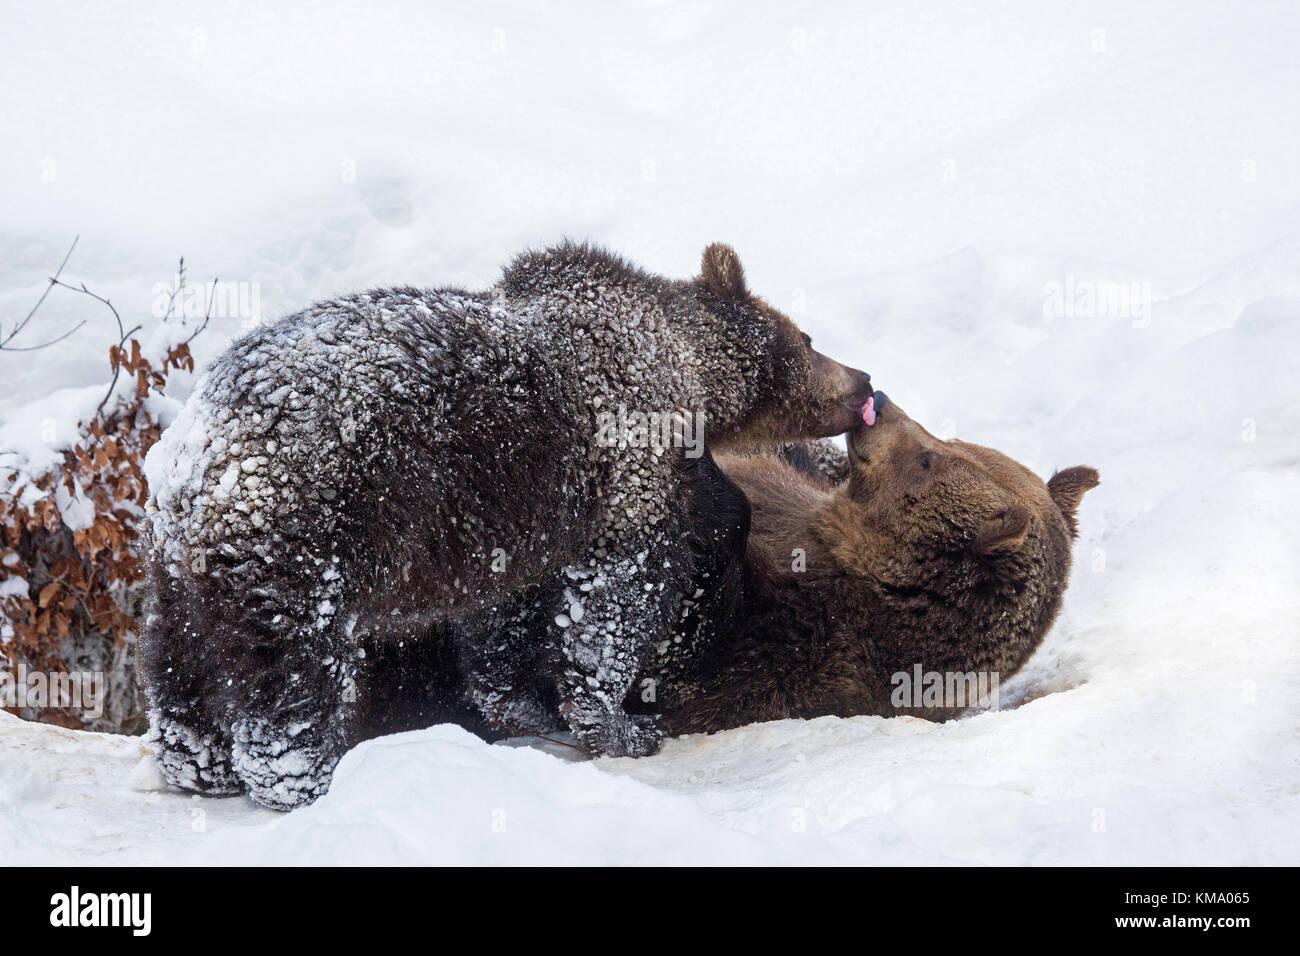 Ein Jahr alten cub Gruß weiblichen Braunbär (Ursus arctos arctos) im Schnee im Winter Stockfoto